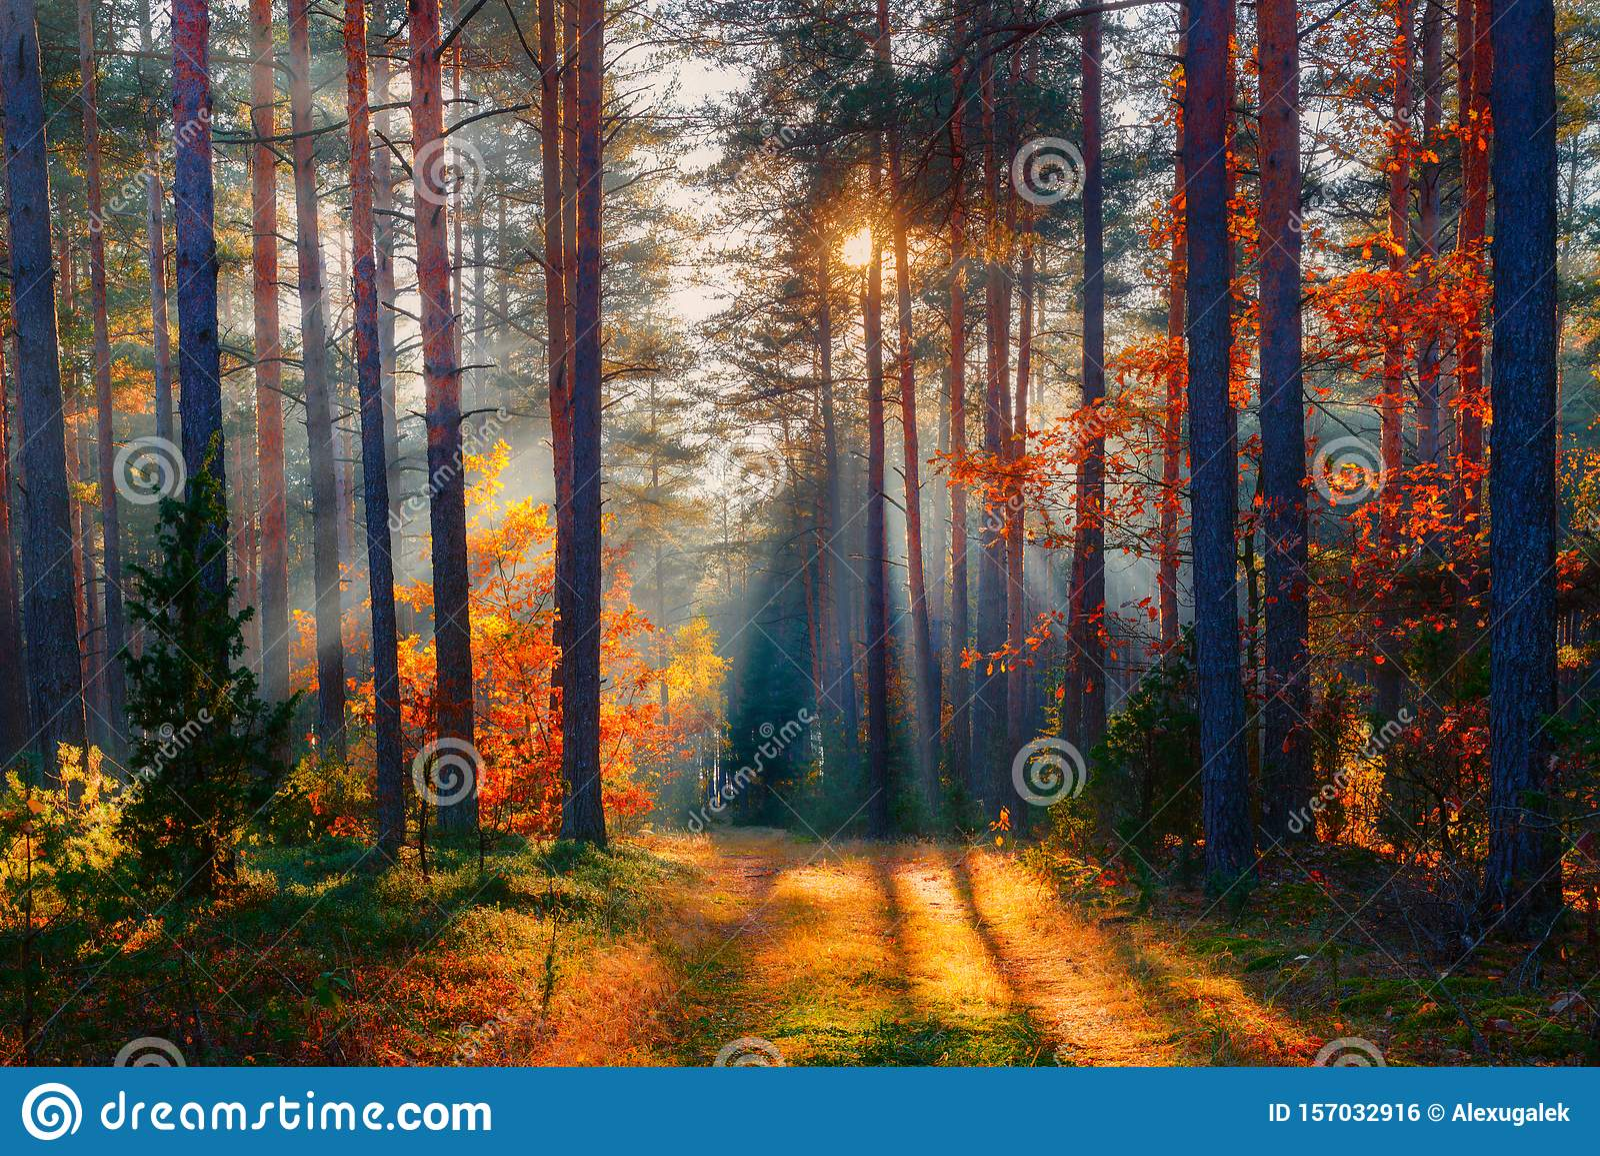 Autumn forest scene